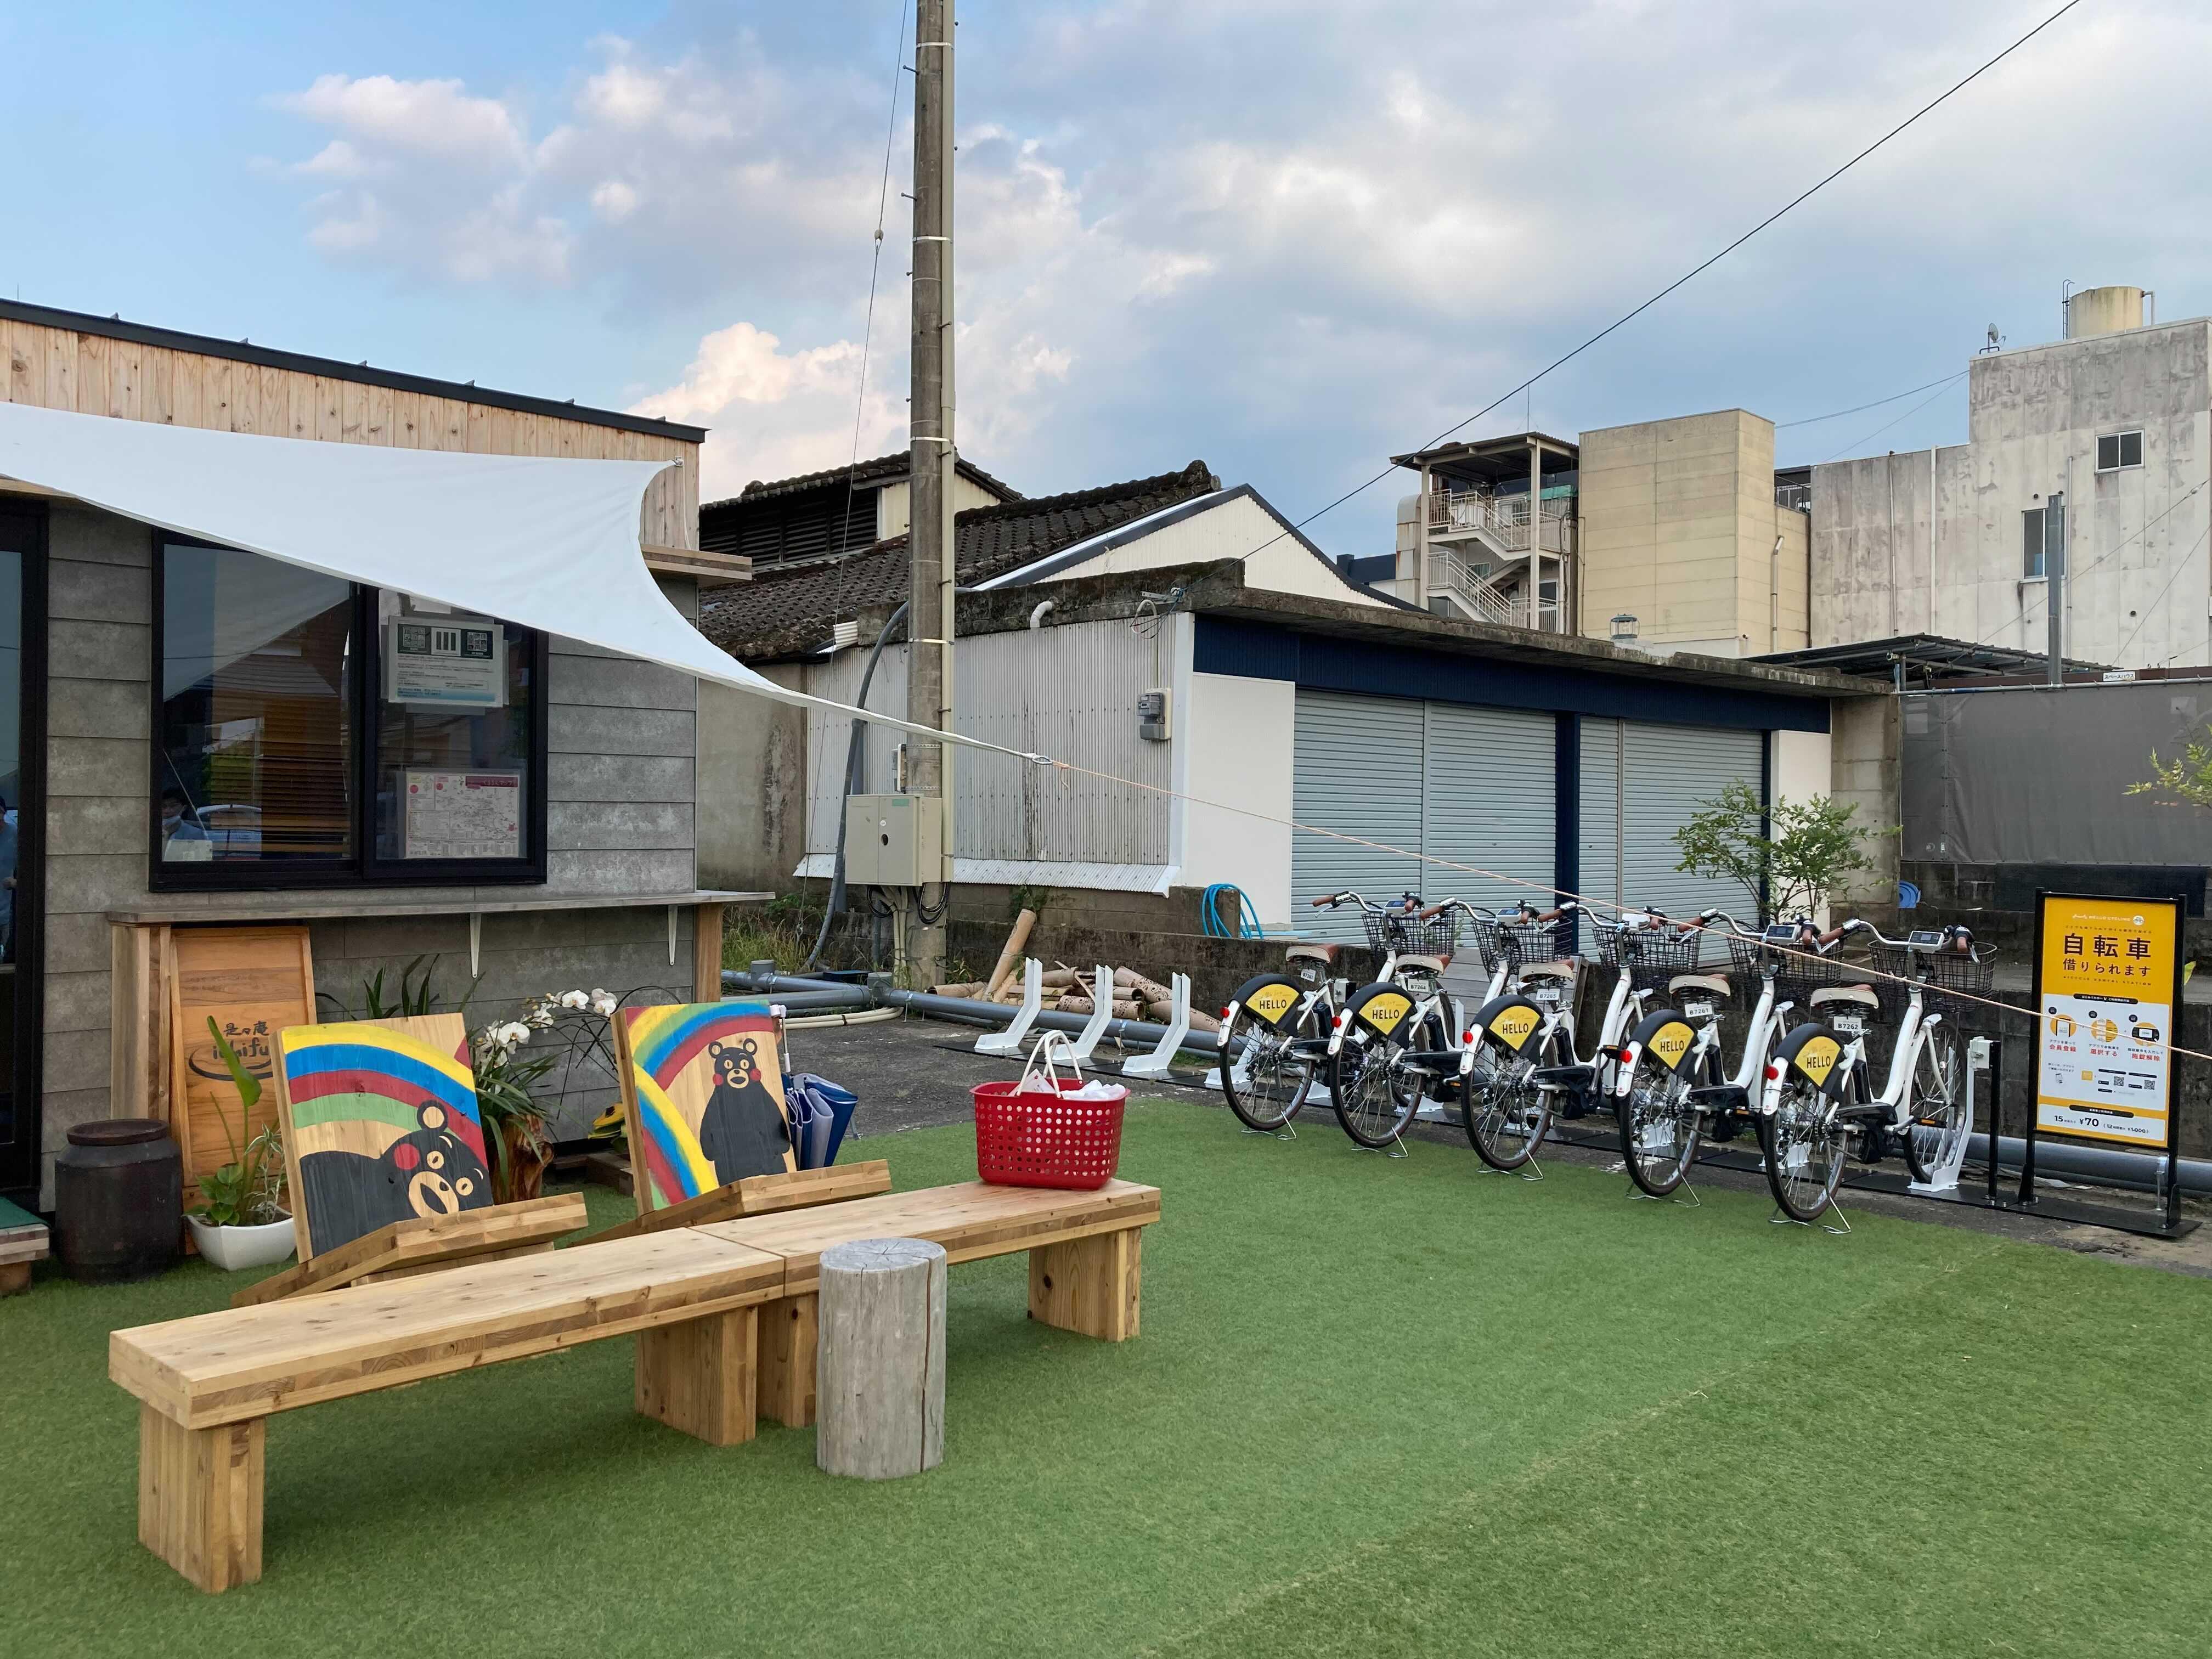 復興コンテナマルシェ (HELLO CYCLING ポート) image